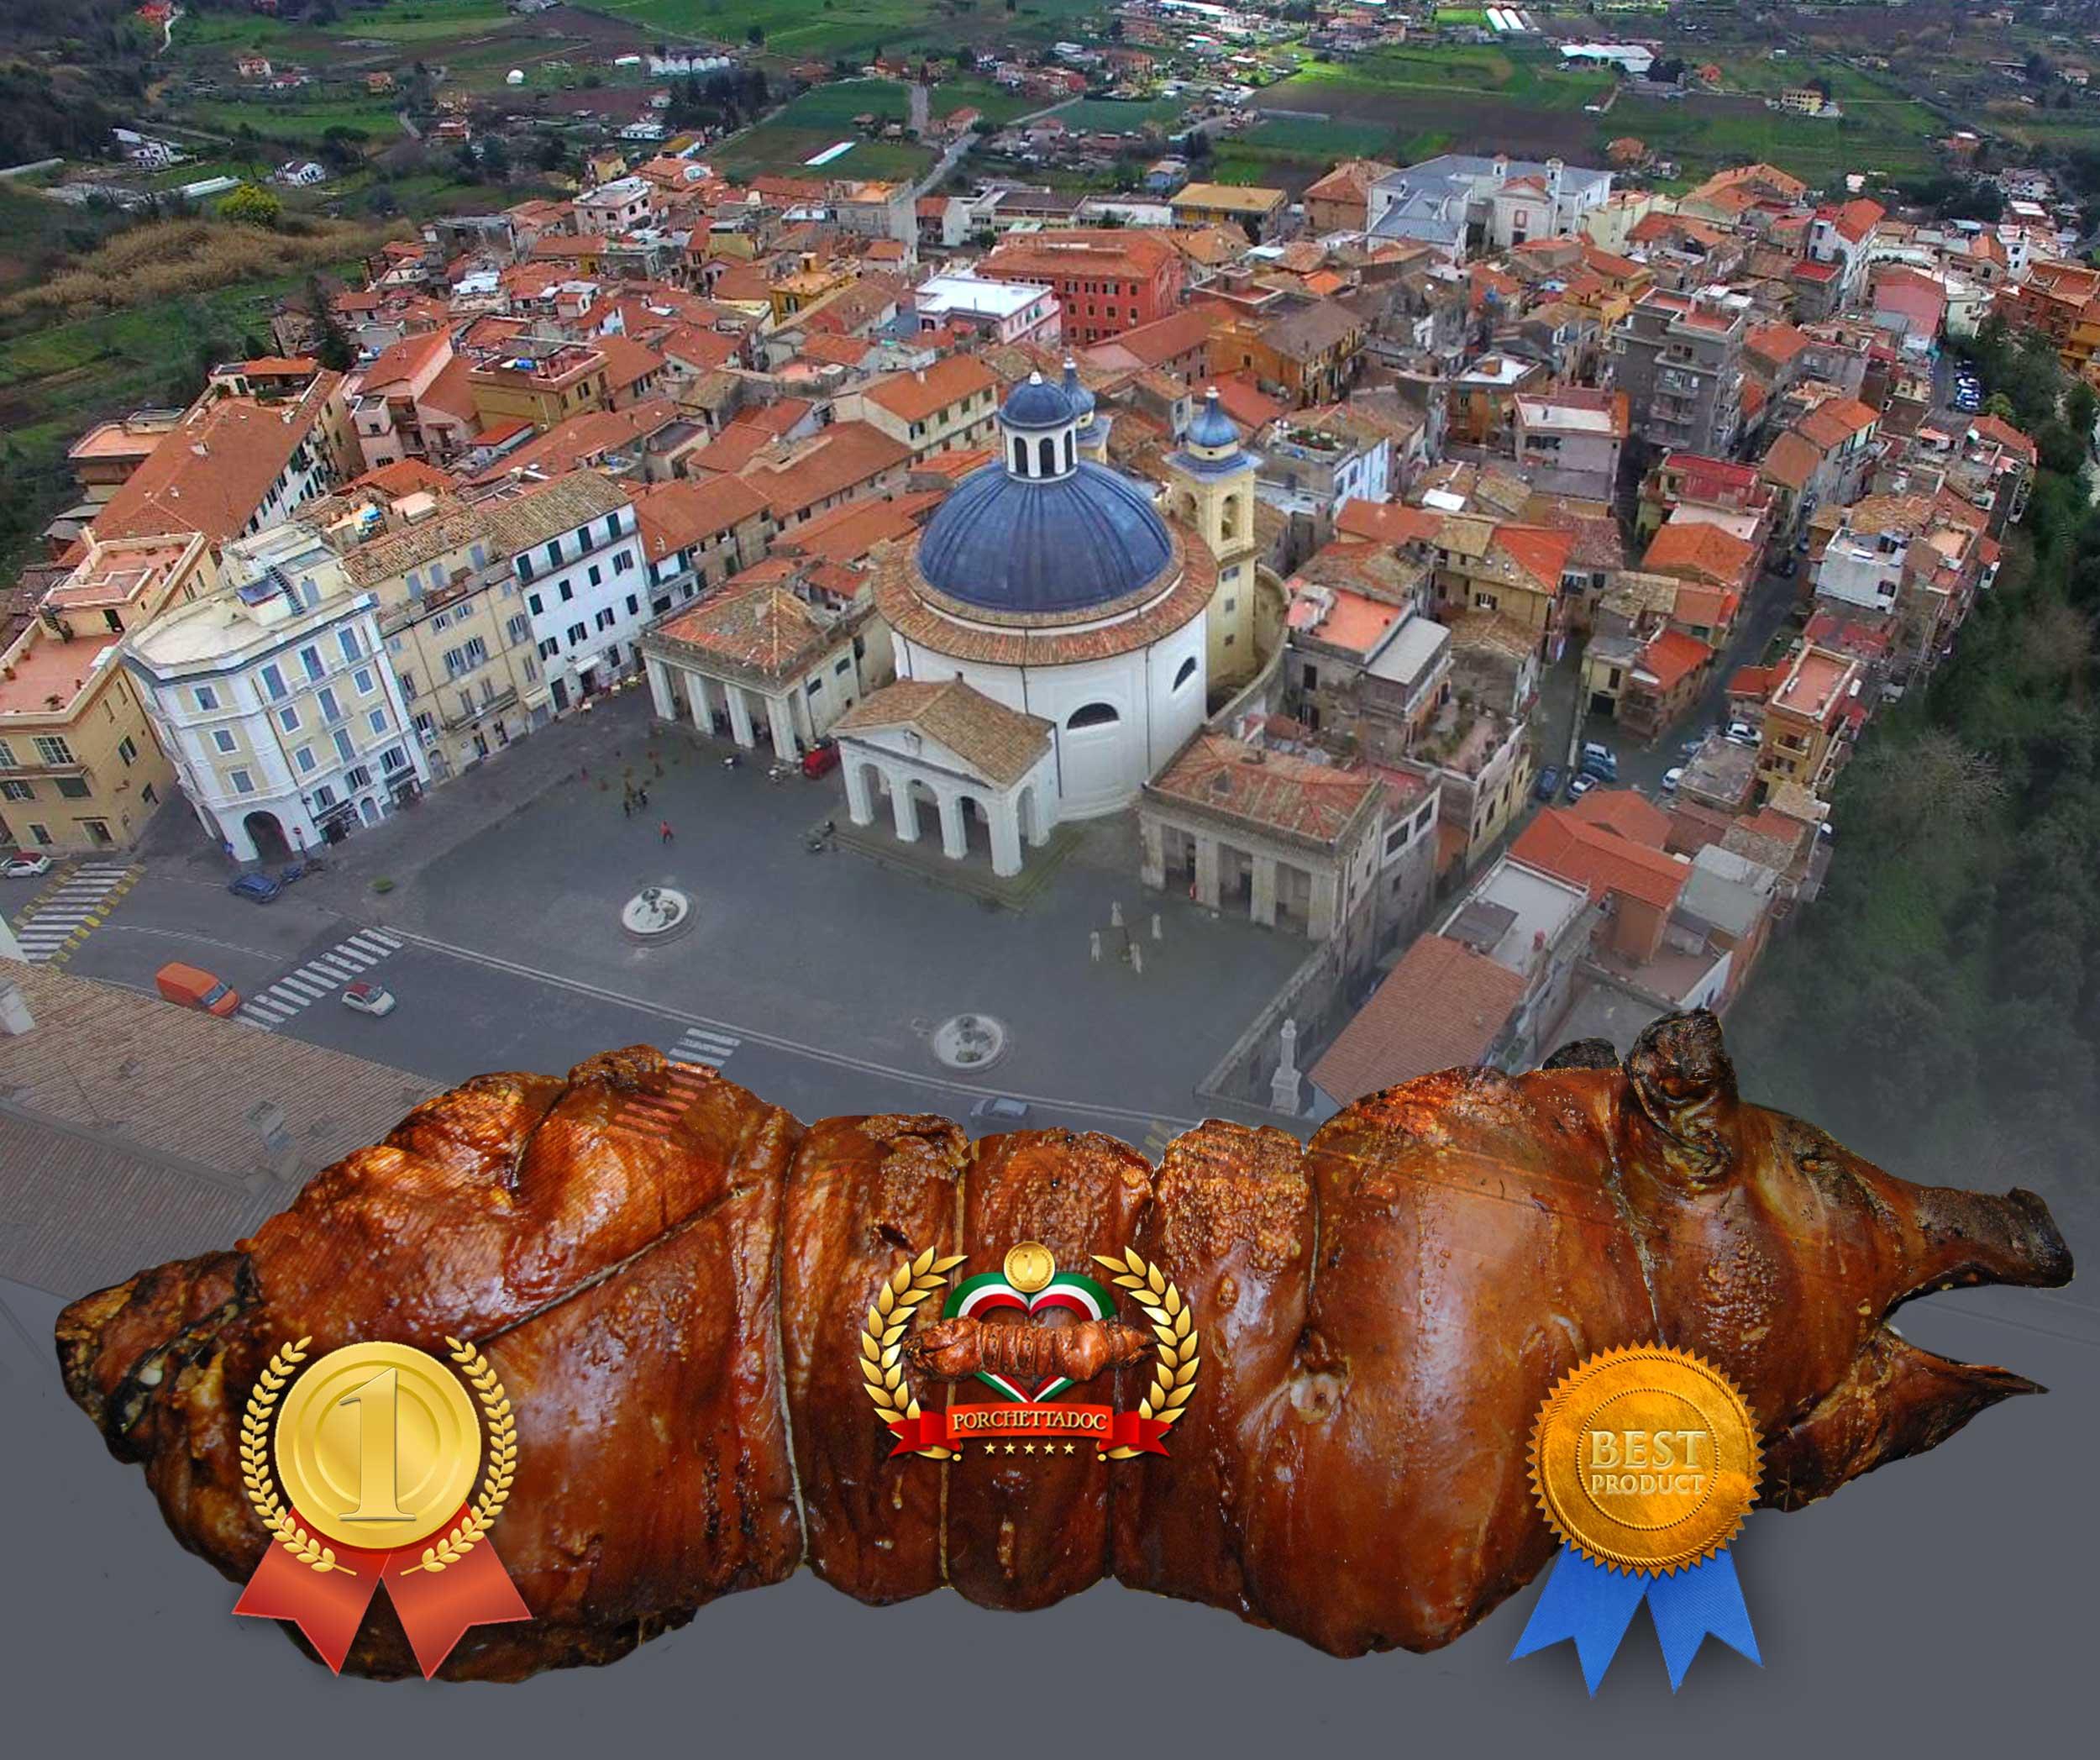 Porchetta - Immagini della porchetta di Ariccia. Foto porchetta intera e senza testa